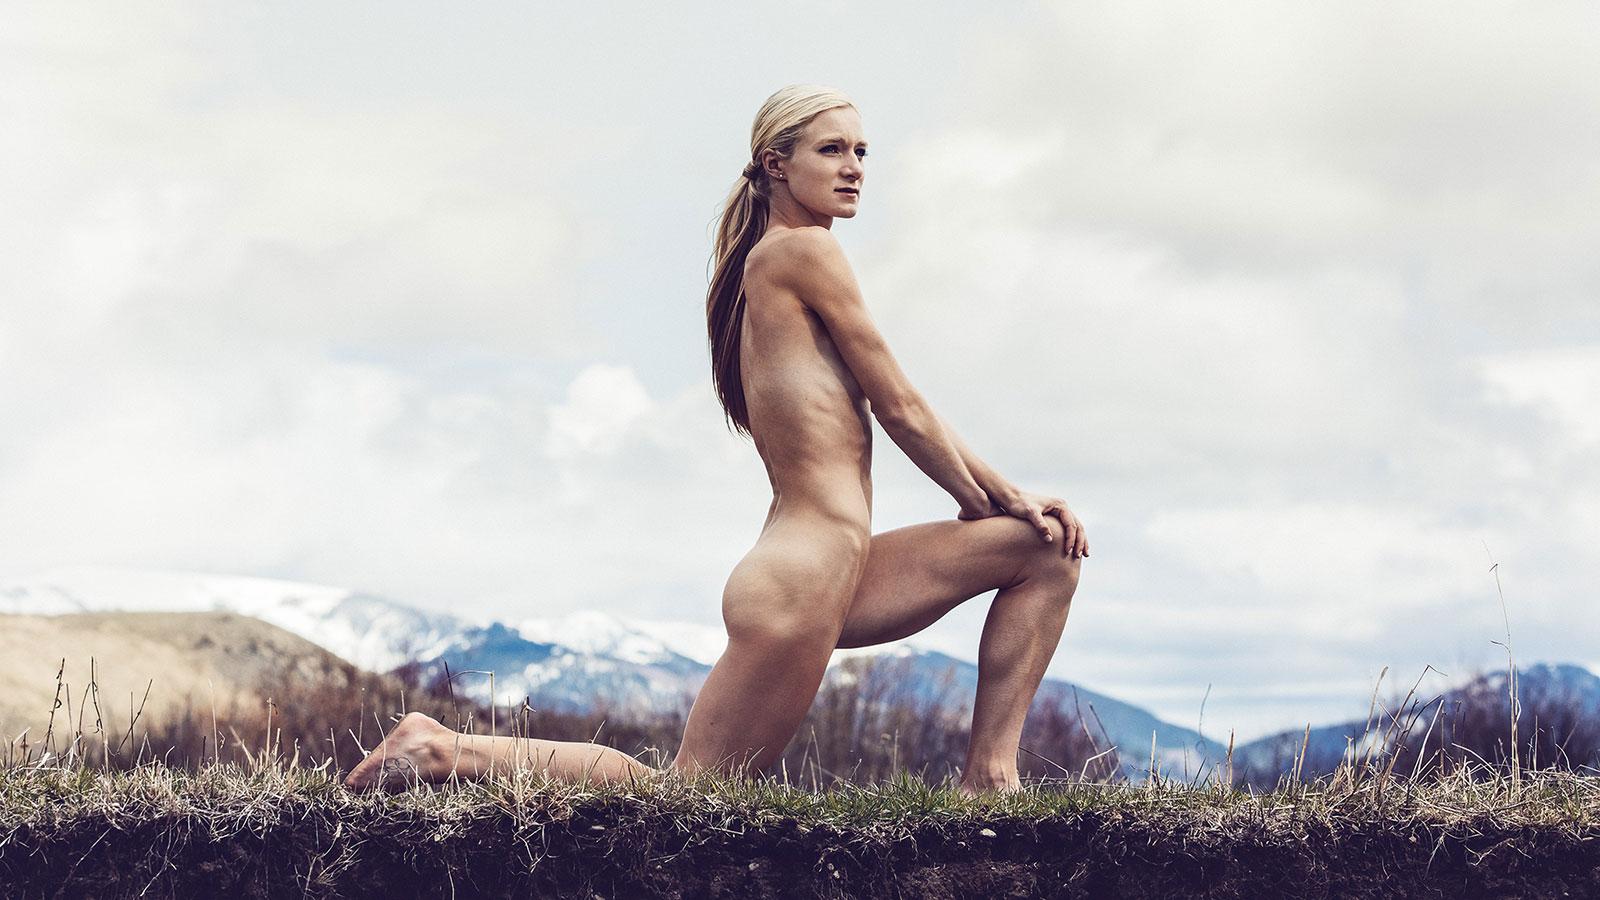 Emma Coburn. В ежегодной фотосессии Body Issue для журнала ESPN приняли участие 20 известных спортсменов